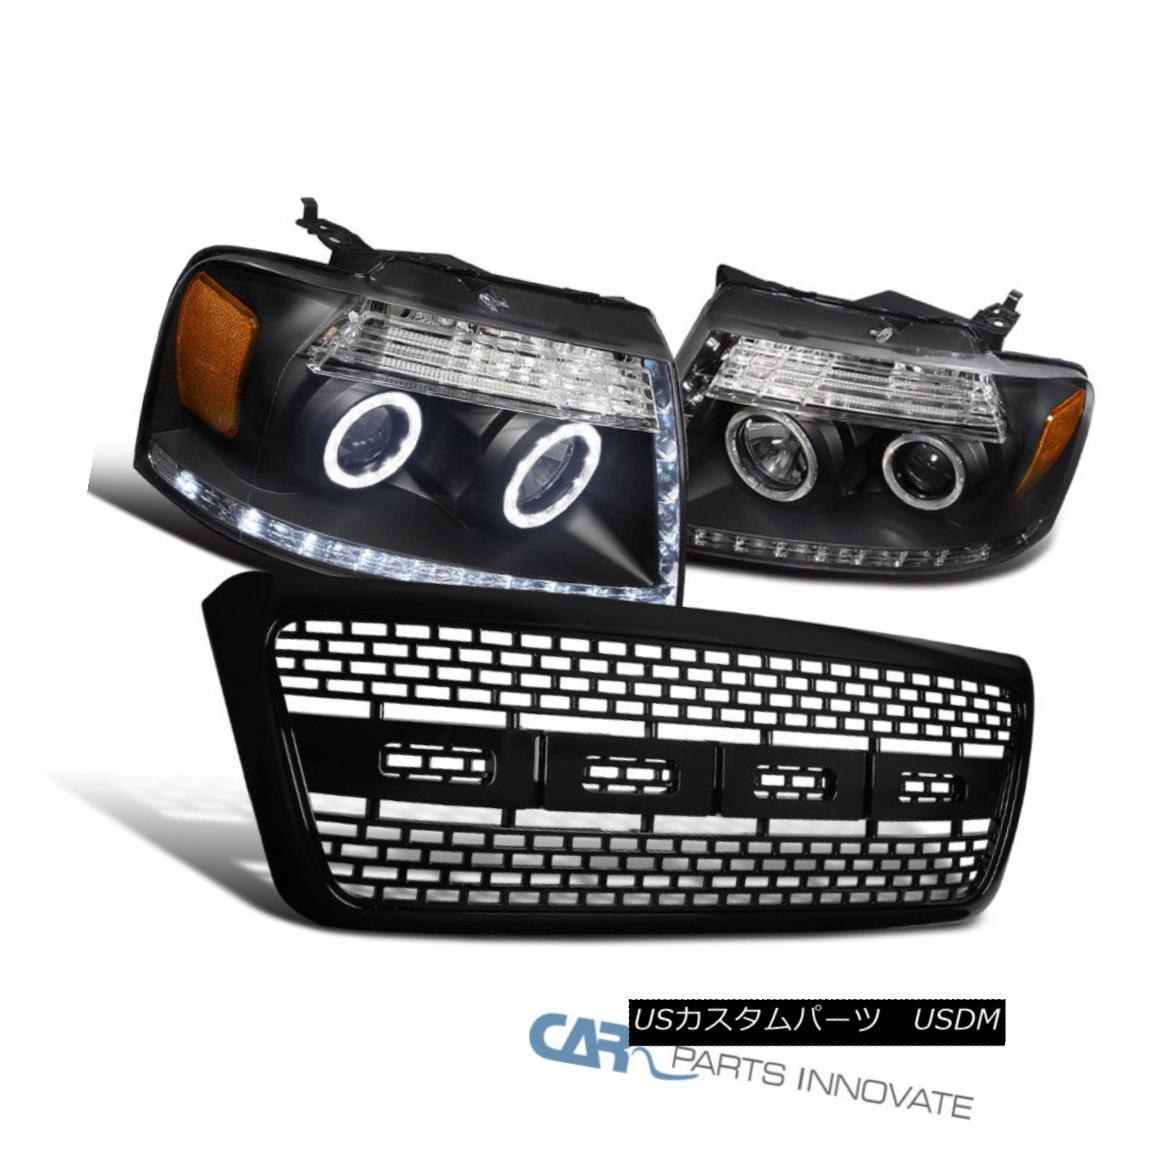 グリル Ford 04-08 F150 Pickup Black Halo LED Projector Headlights+Raptor Bumper Grille フォード04-08 F150ピックアップブラックハローLEDプロジェクターヘッドライト+ラップ tor Bumper Grille